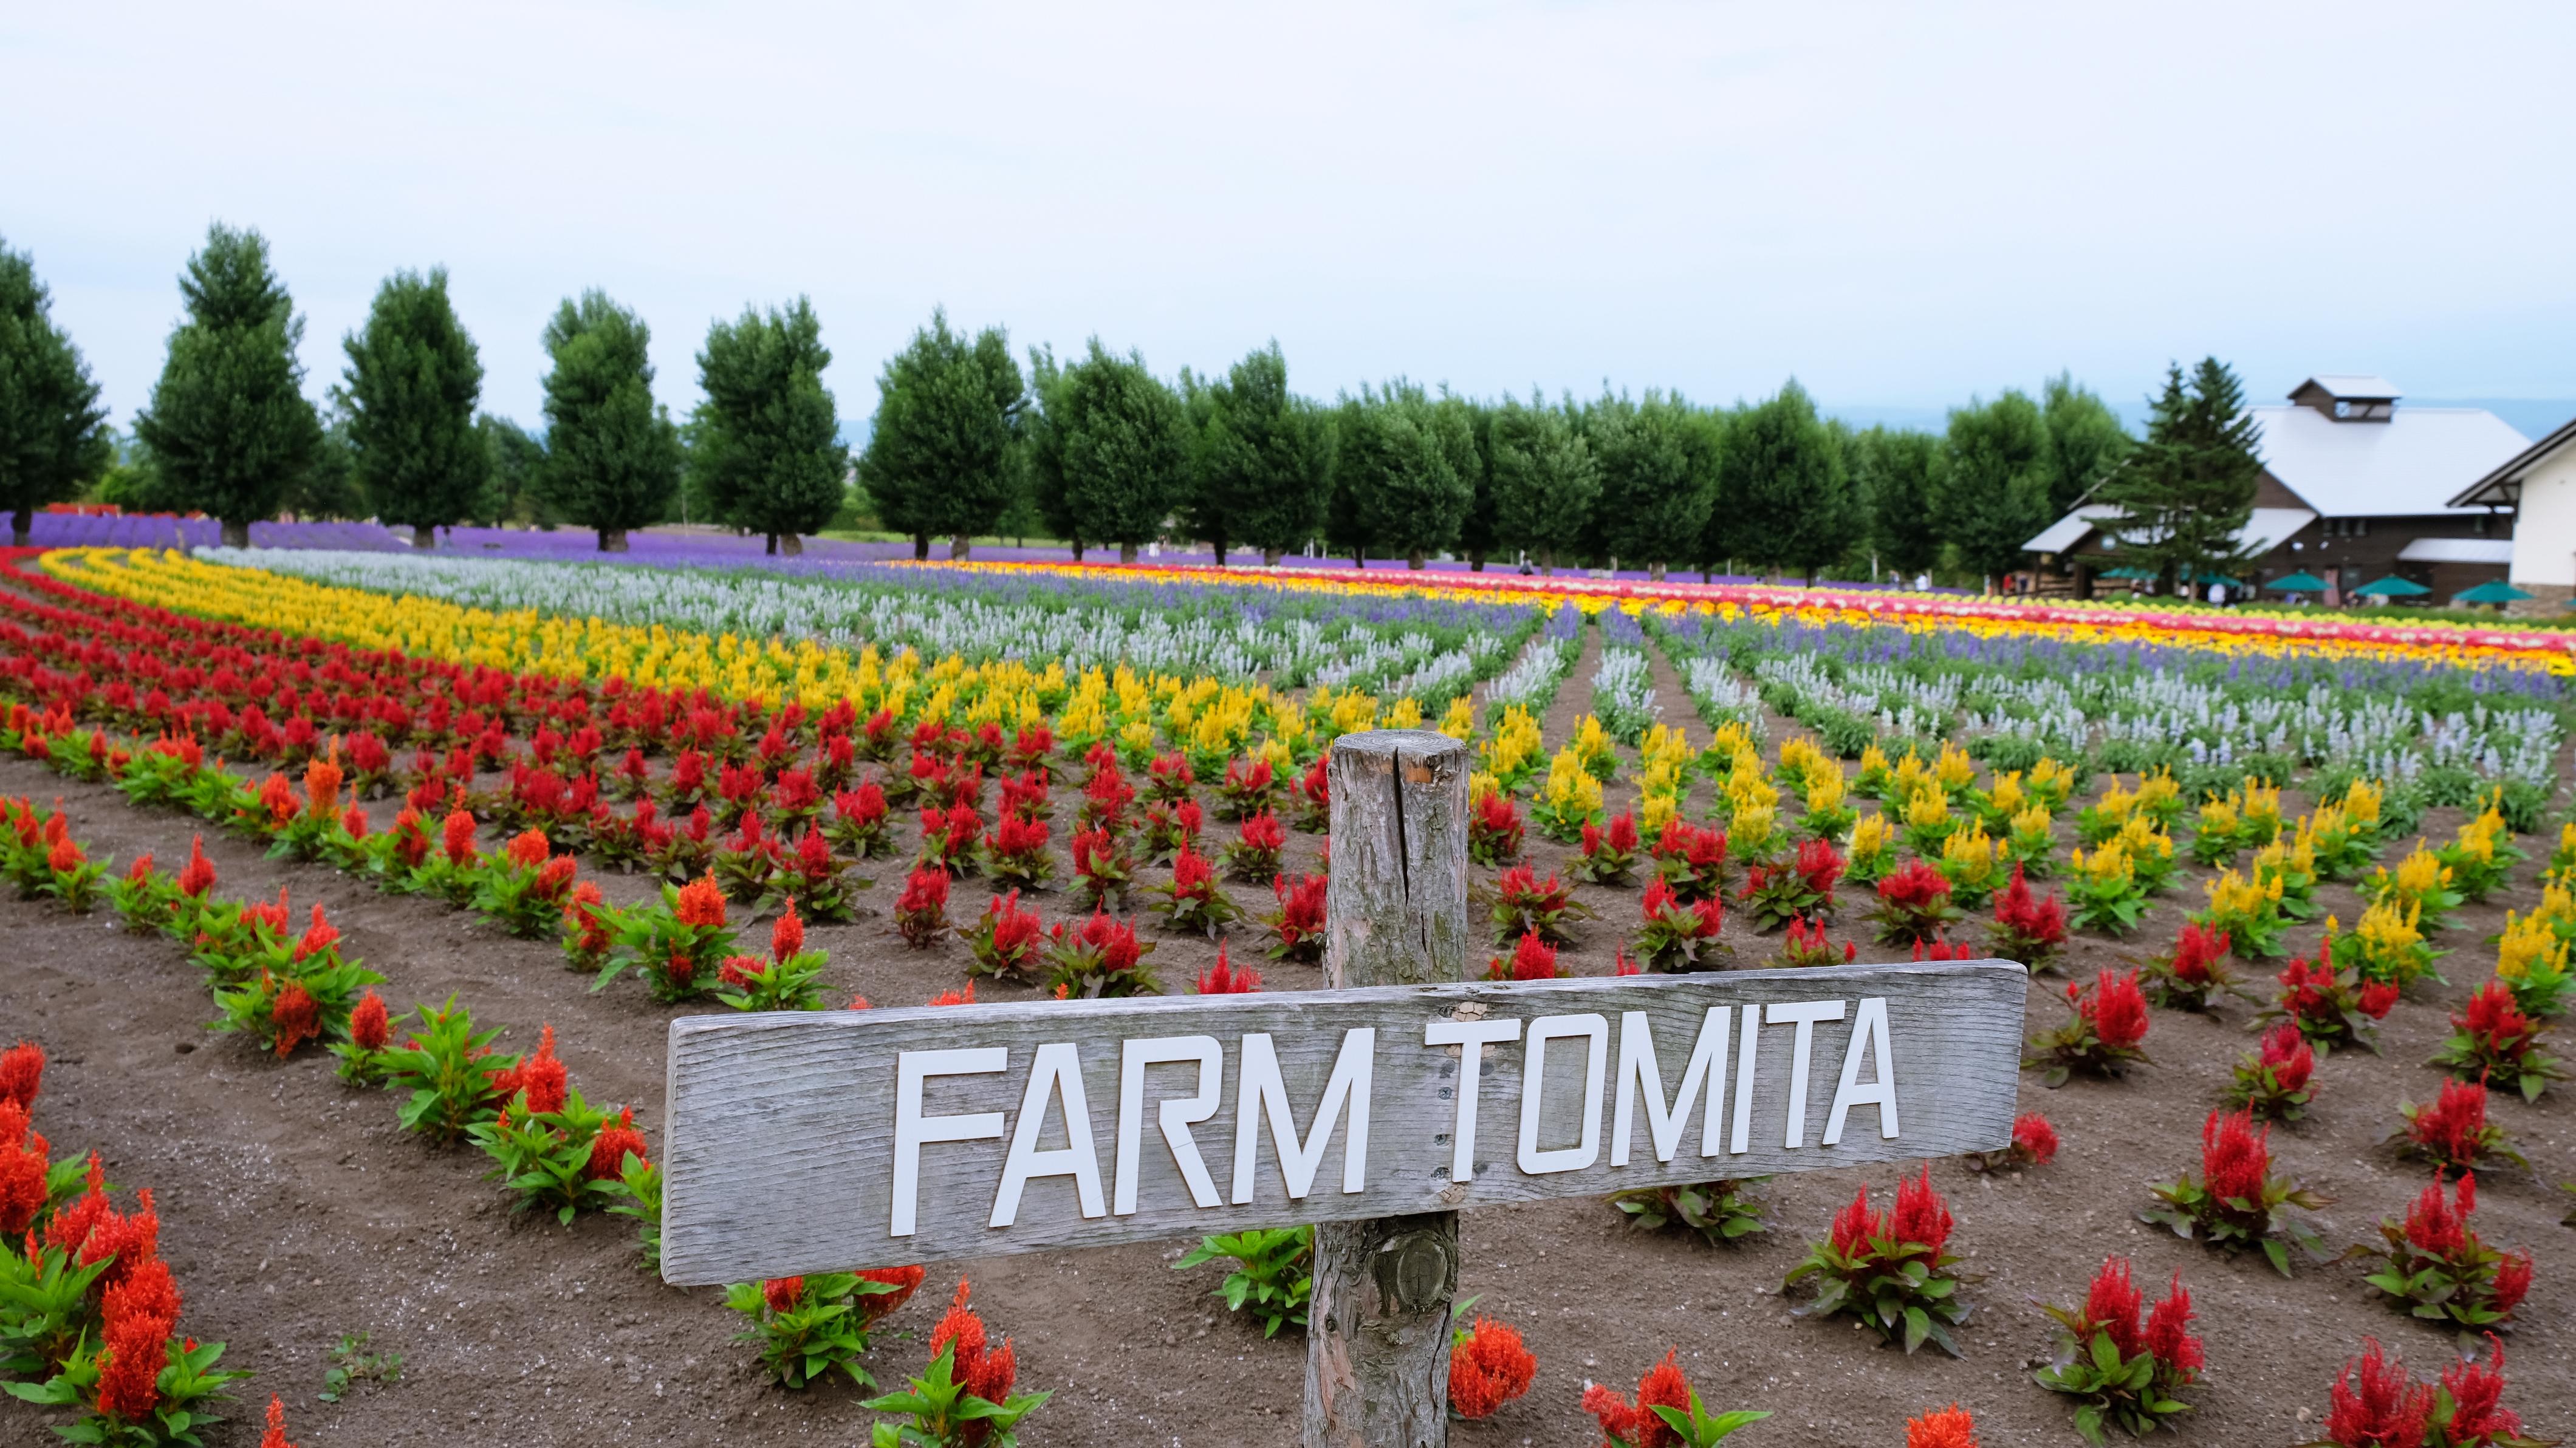 Furano-tomita9